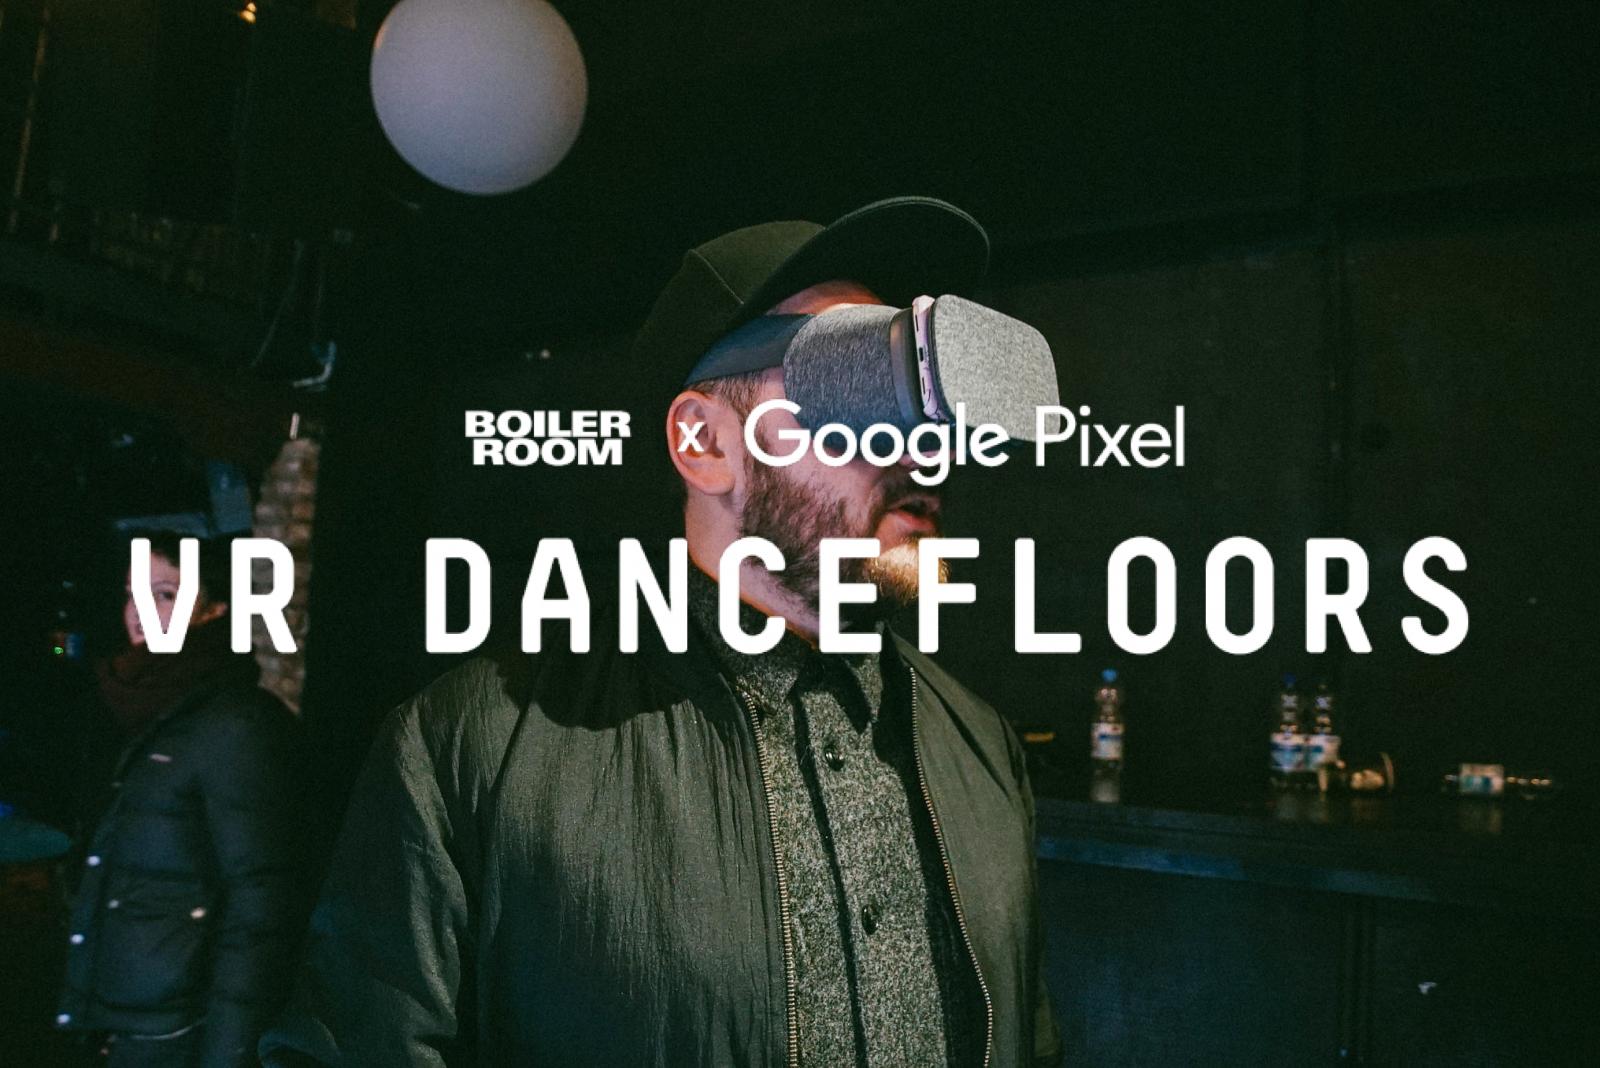 Boiler Room x Google